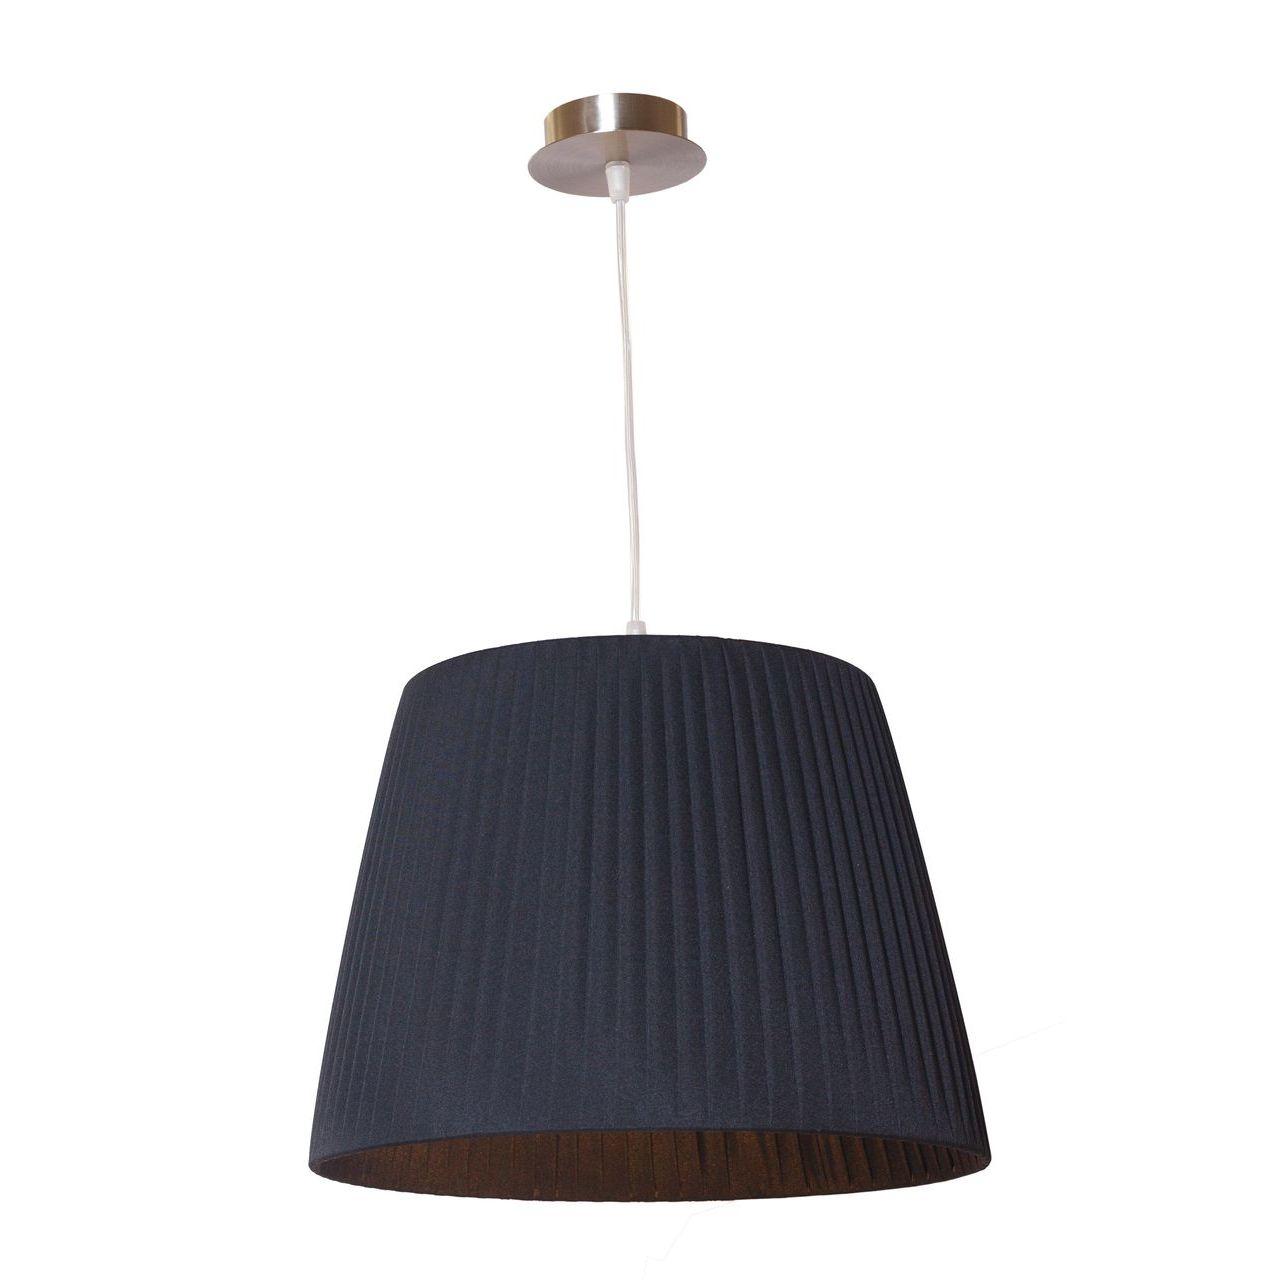 Купить Подвесной светильник артпром Katrin с черным абажуром, inmyroom, Россия